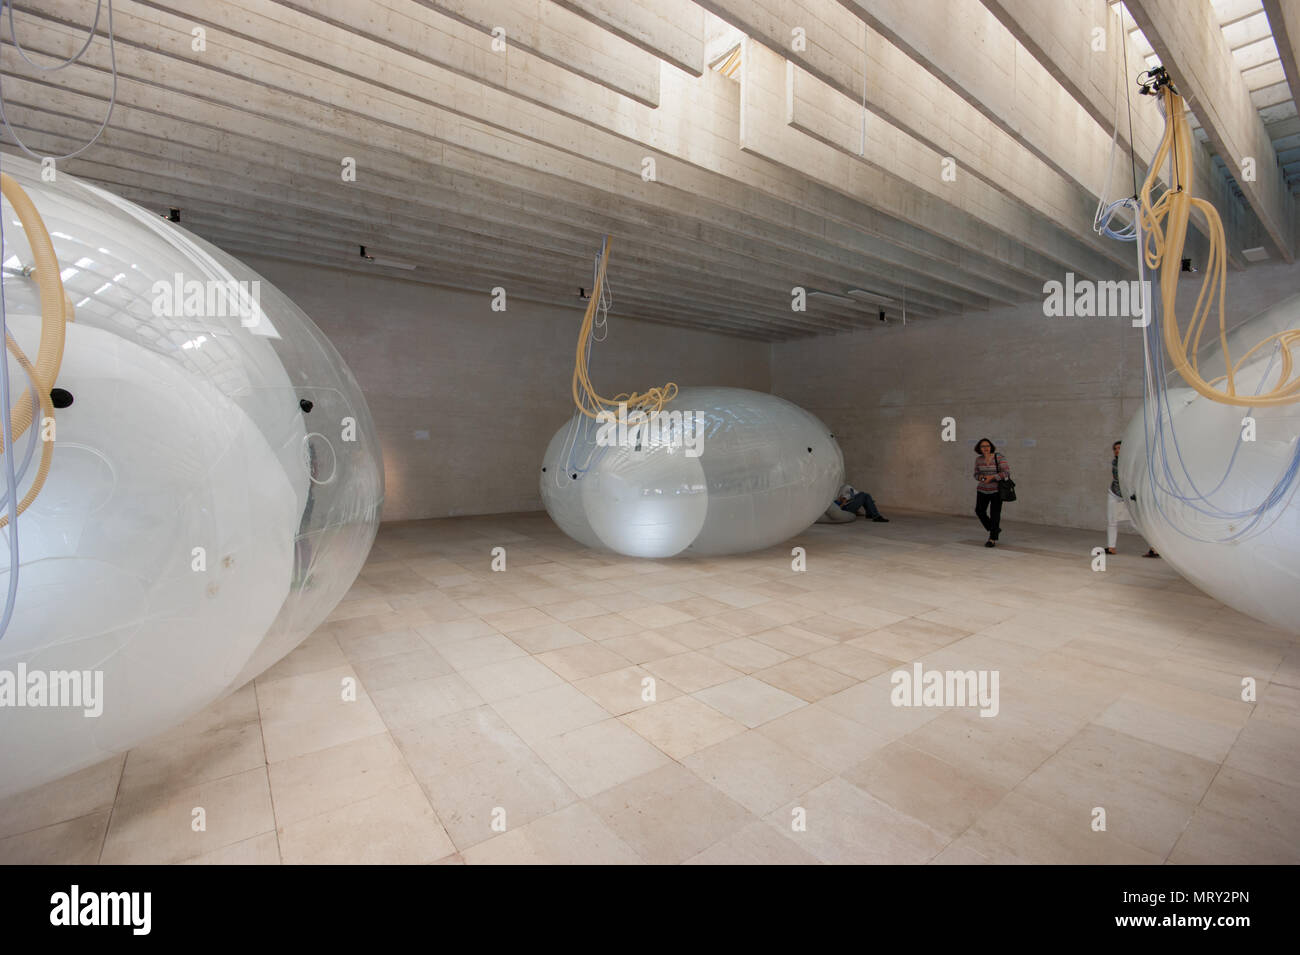 Une autre générosité en Norvège par l'architecture de Lunden, exposition de la société des pays nordiques pavilion à la Biennale d'architecture de Venise 2018 Photo Stock